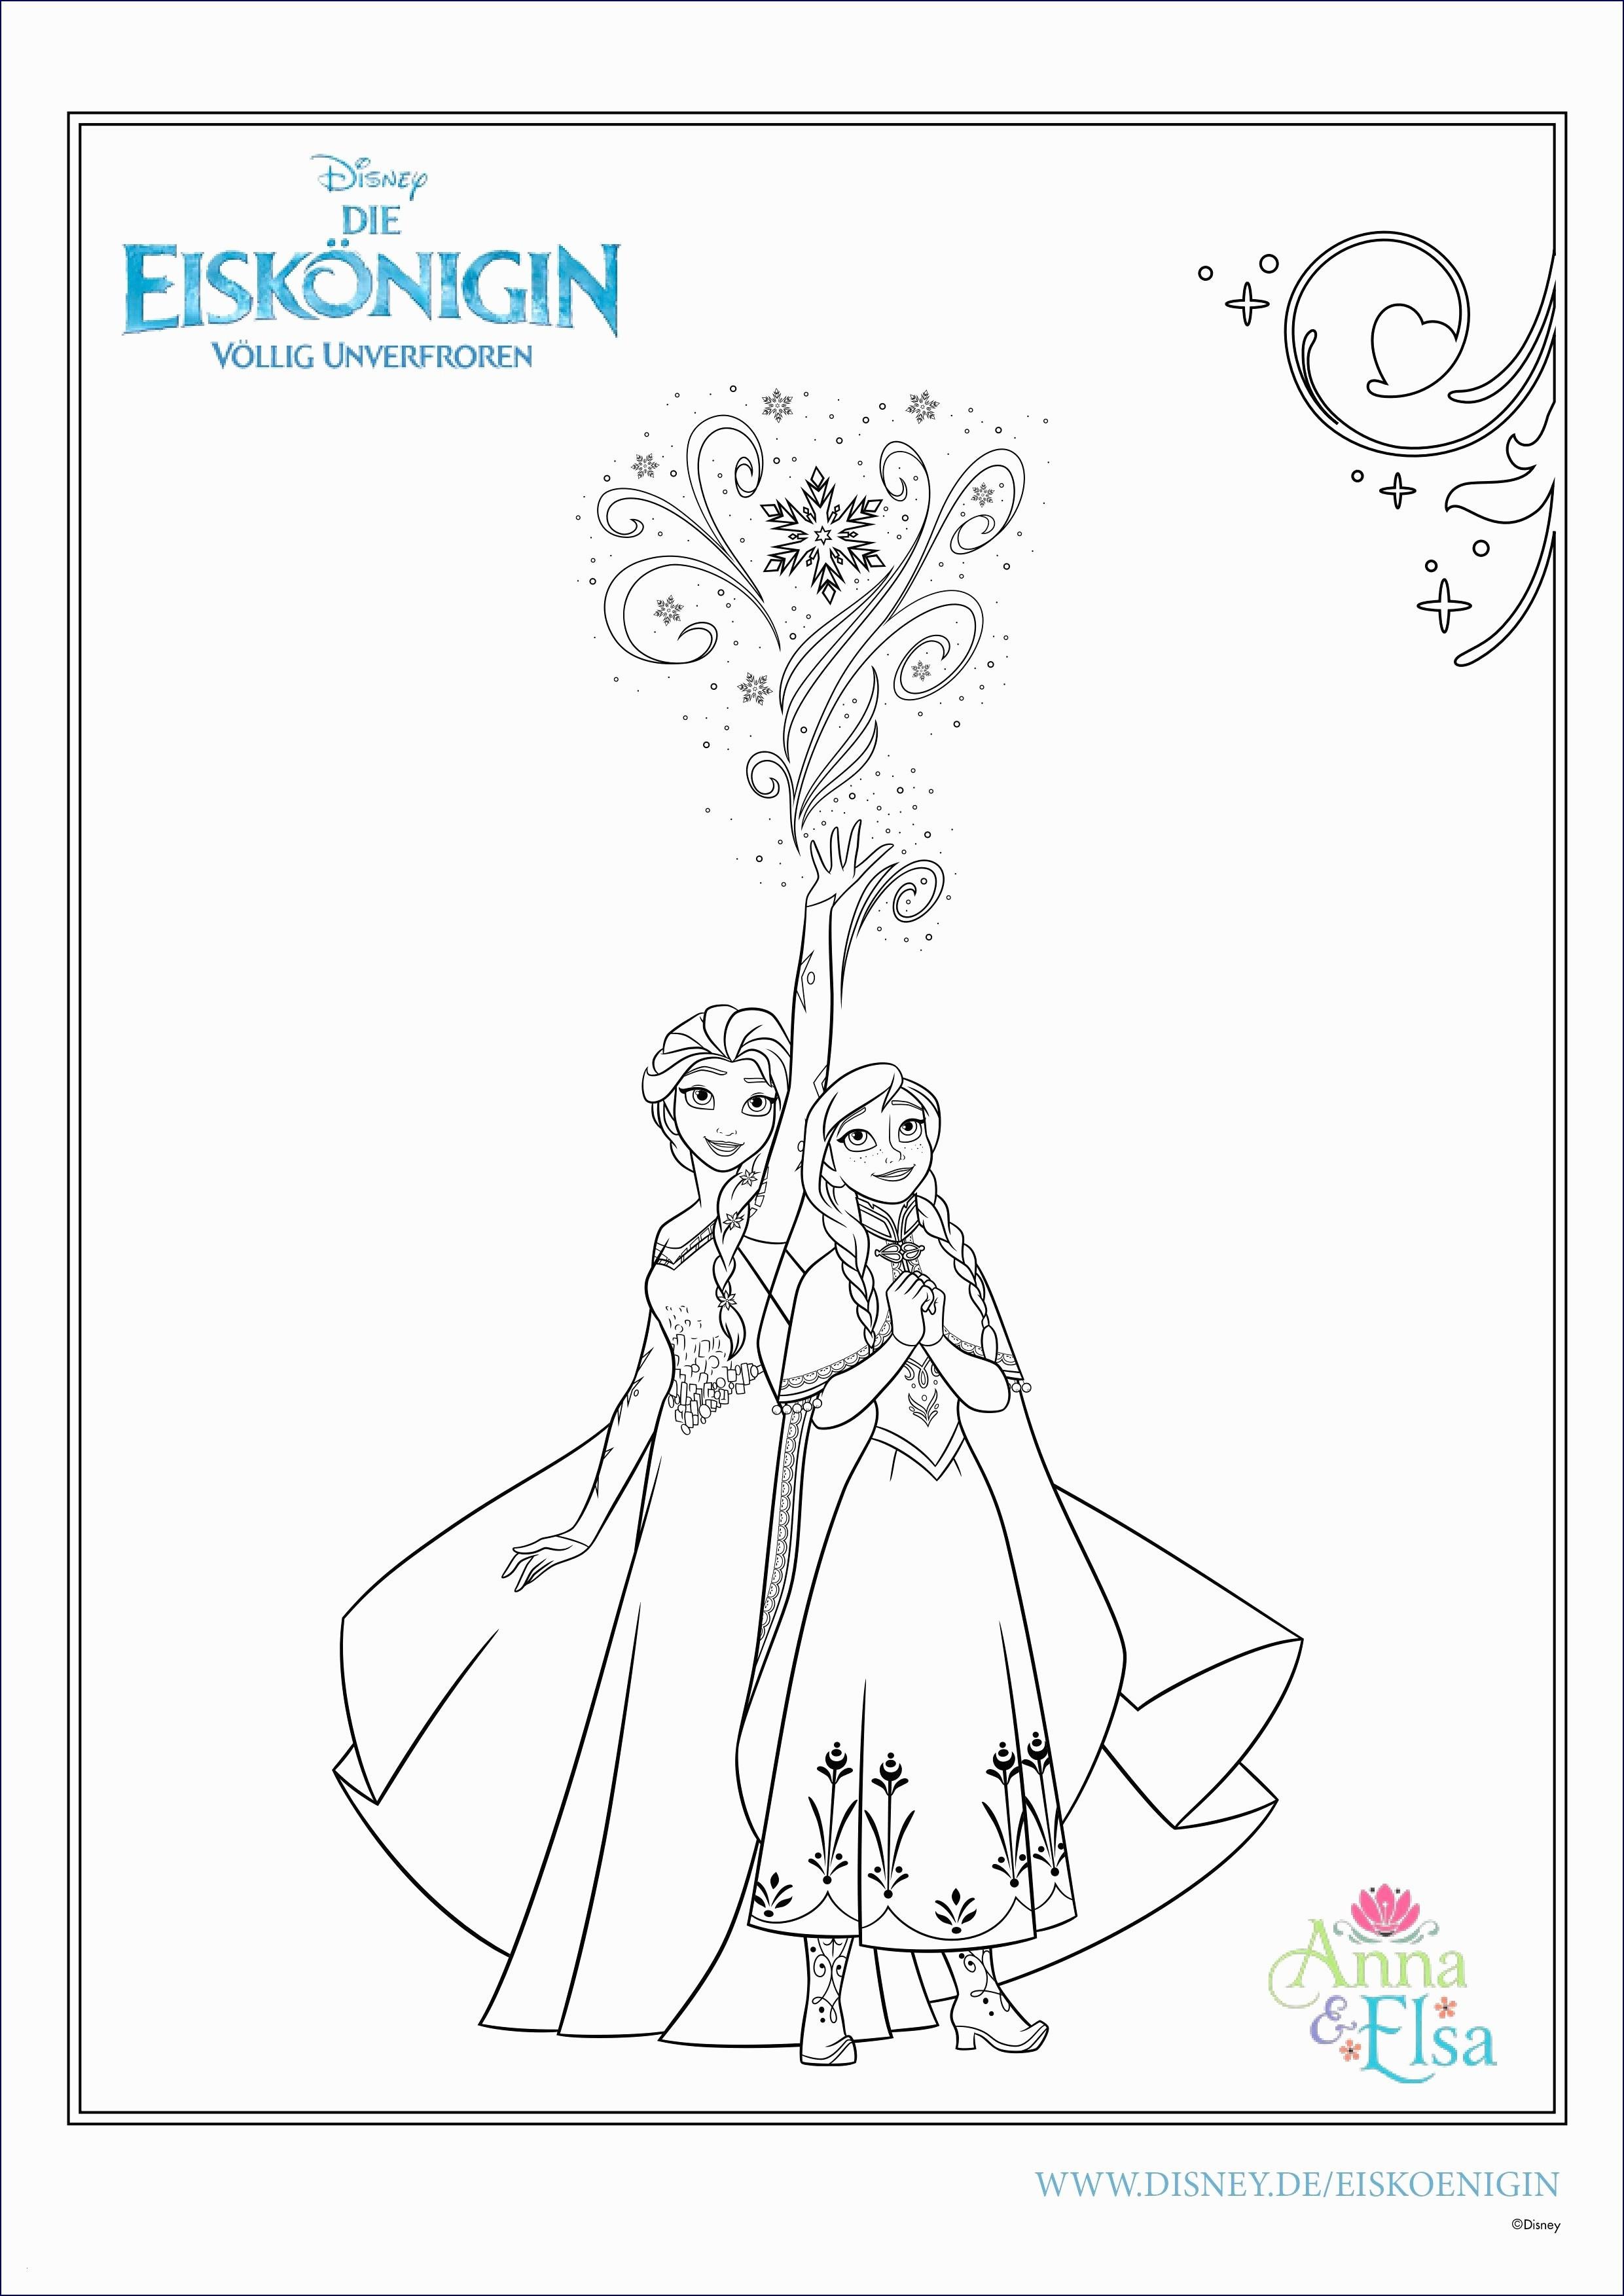 Anna Und Elsa Ausmalen Einzigartig Anna Und Elsa Ausmalbilder Zum Ausdrucken Fotos Disney Ausmalbilder Galerie